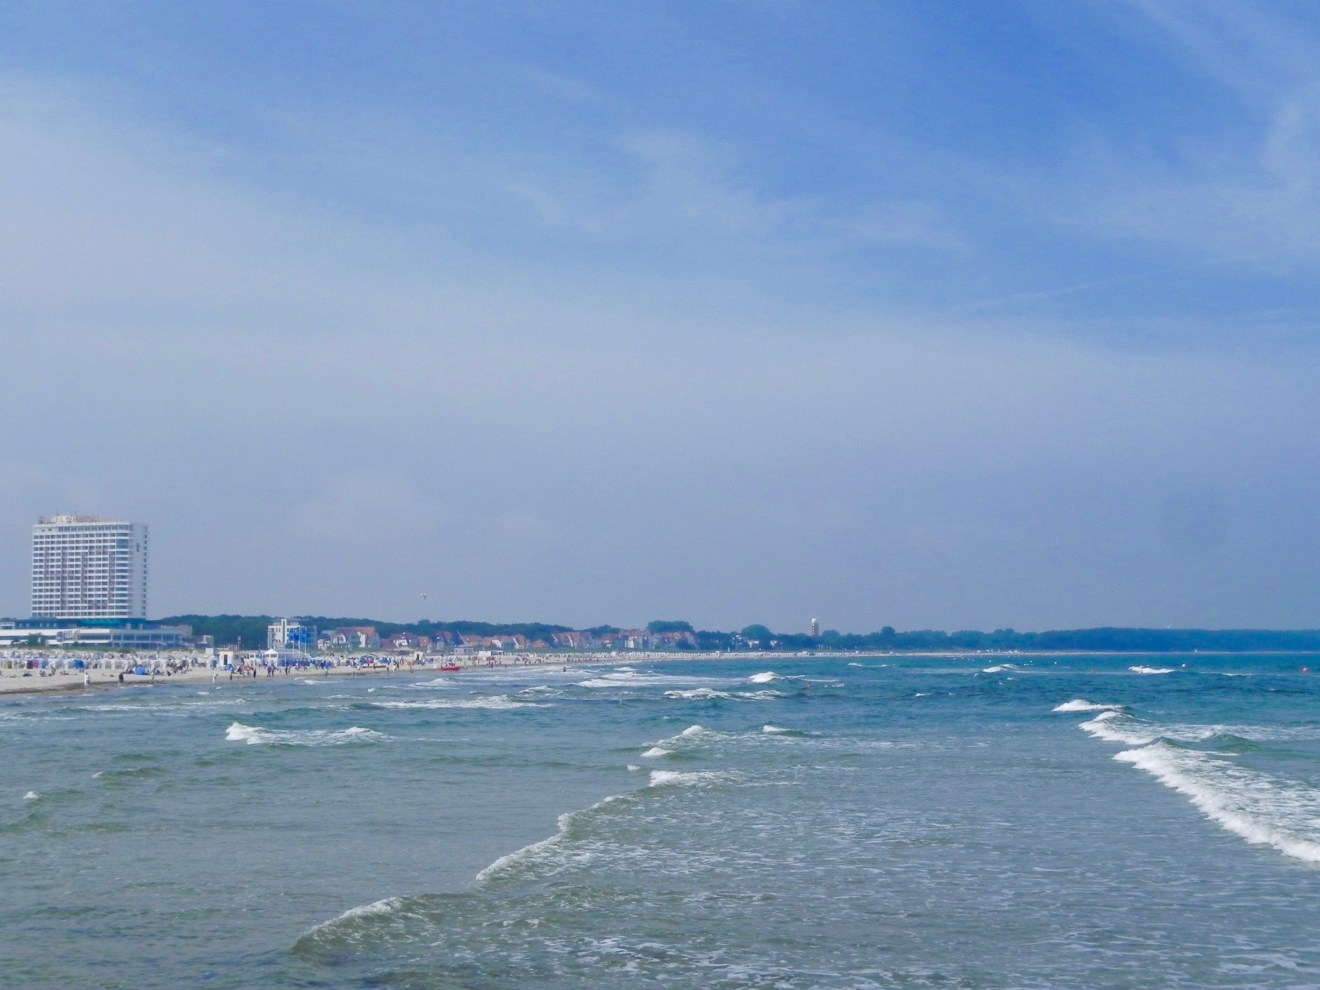 Warnmünde Ostsee Urlaubstipps Strand Wellen